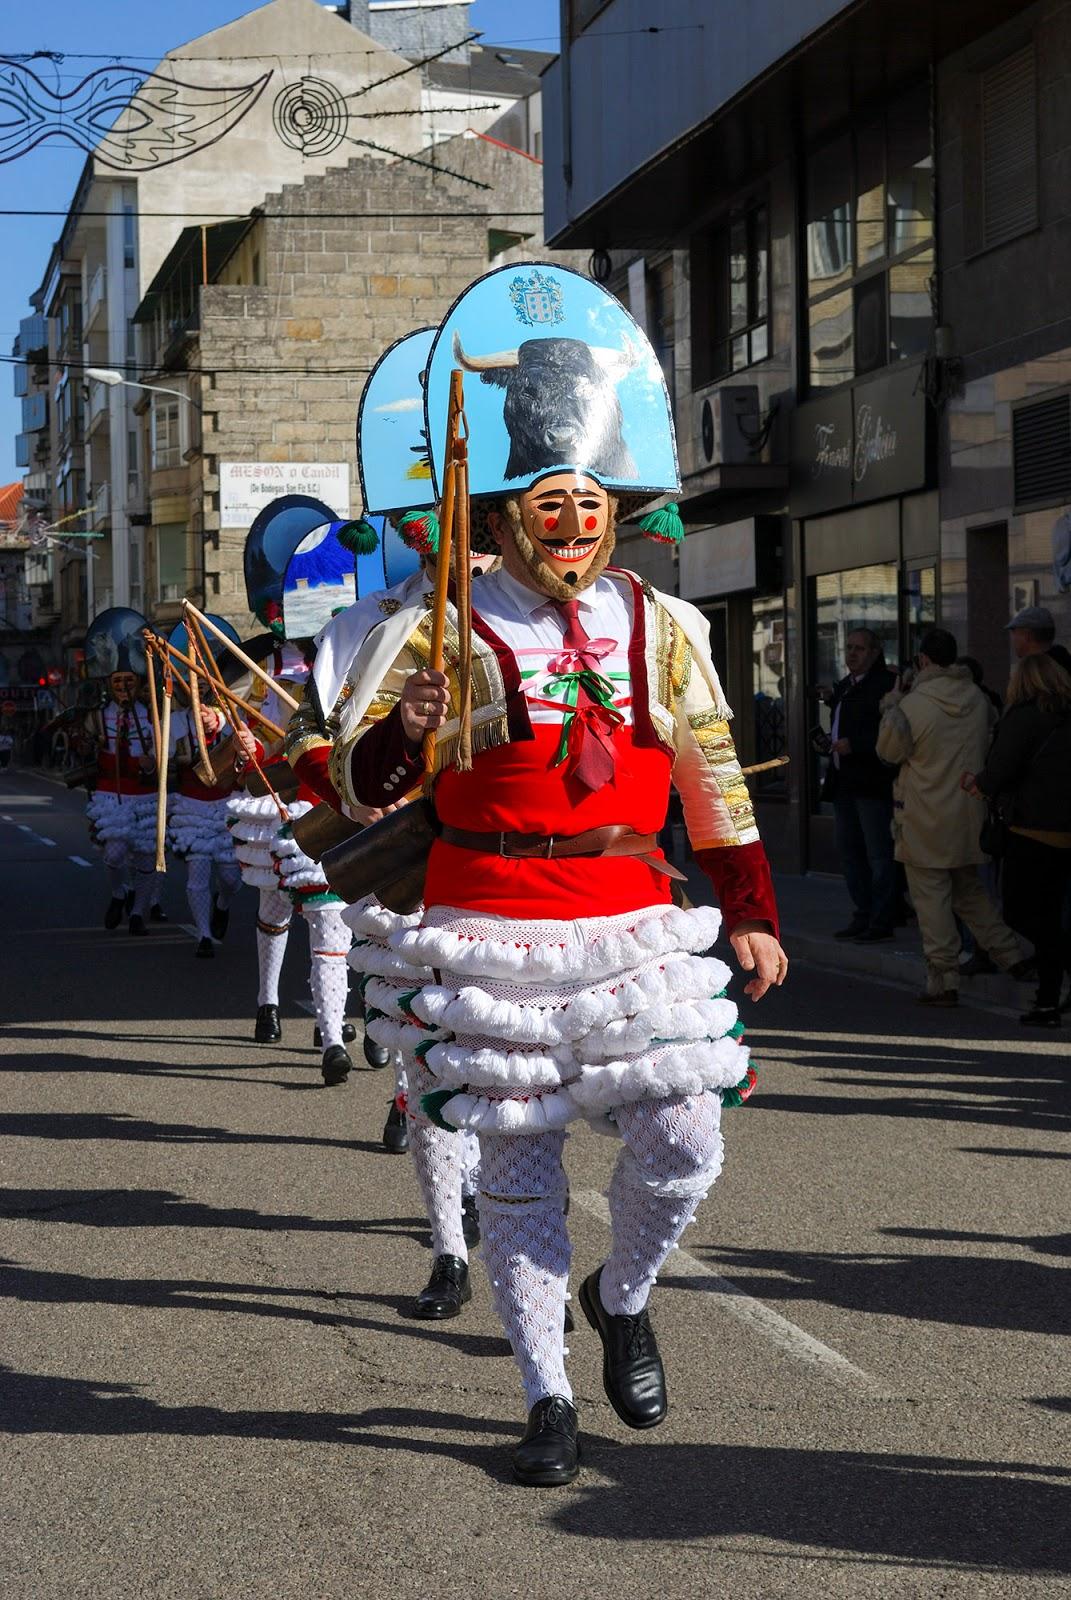 carnival carnaval entroido verin cigarron galicia spain